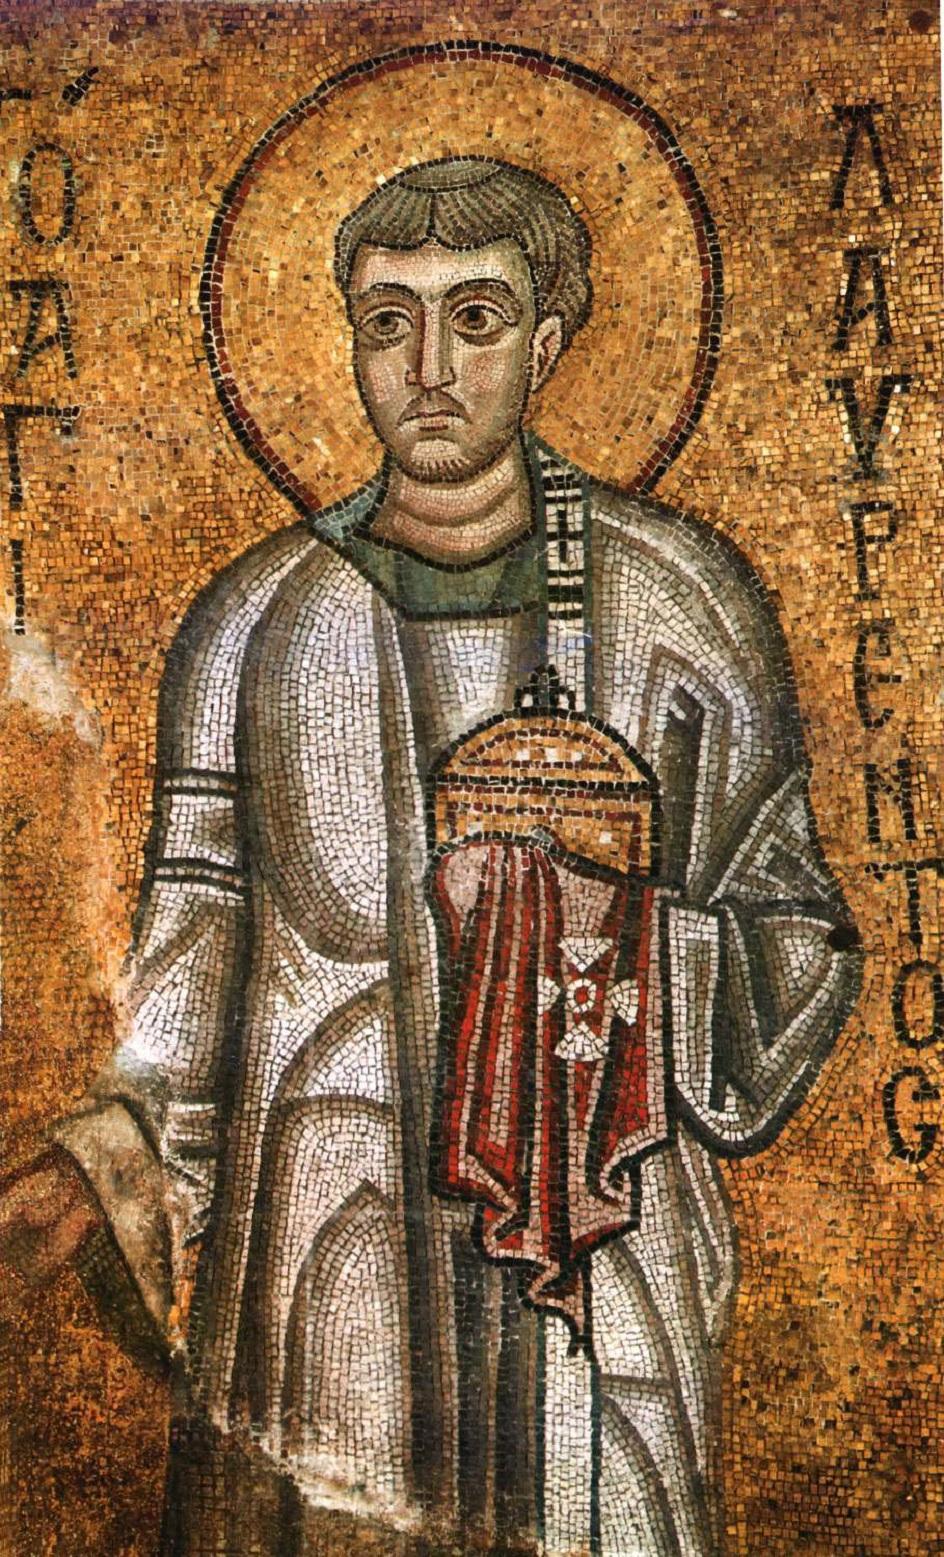 Икона. «Архидиакон Лаврентий». Мозаика Софийского собора в Киеве XI века